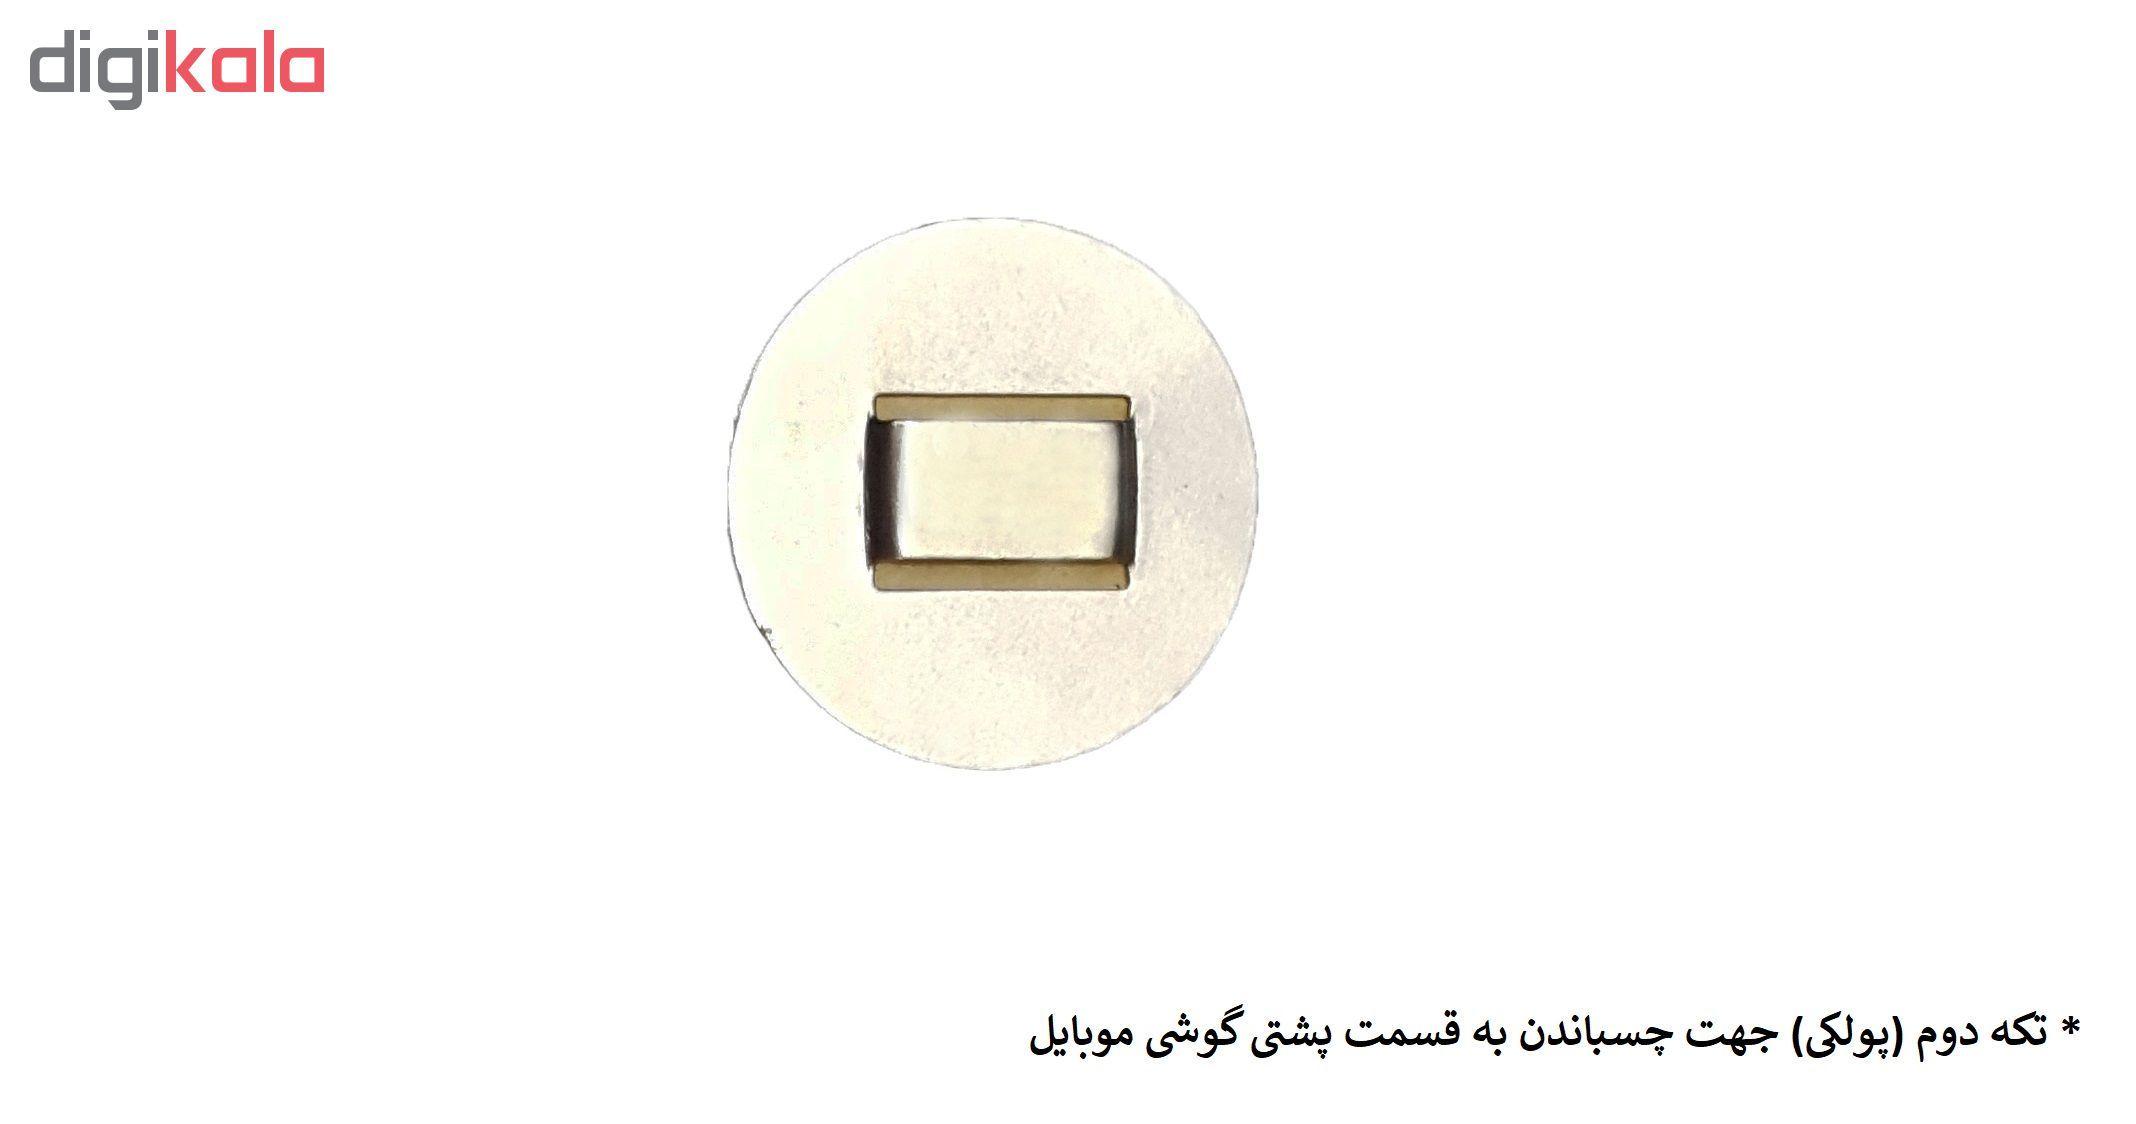 پایه نگهدارنده گوشی موبایل مدل Mhr-208 main 1 2